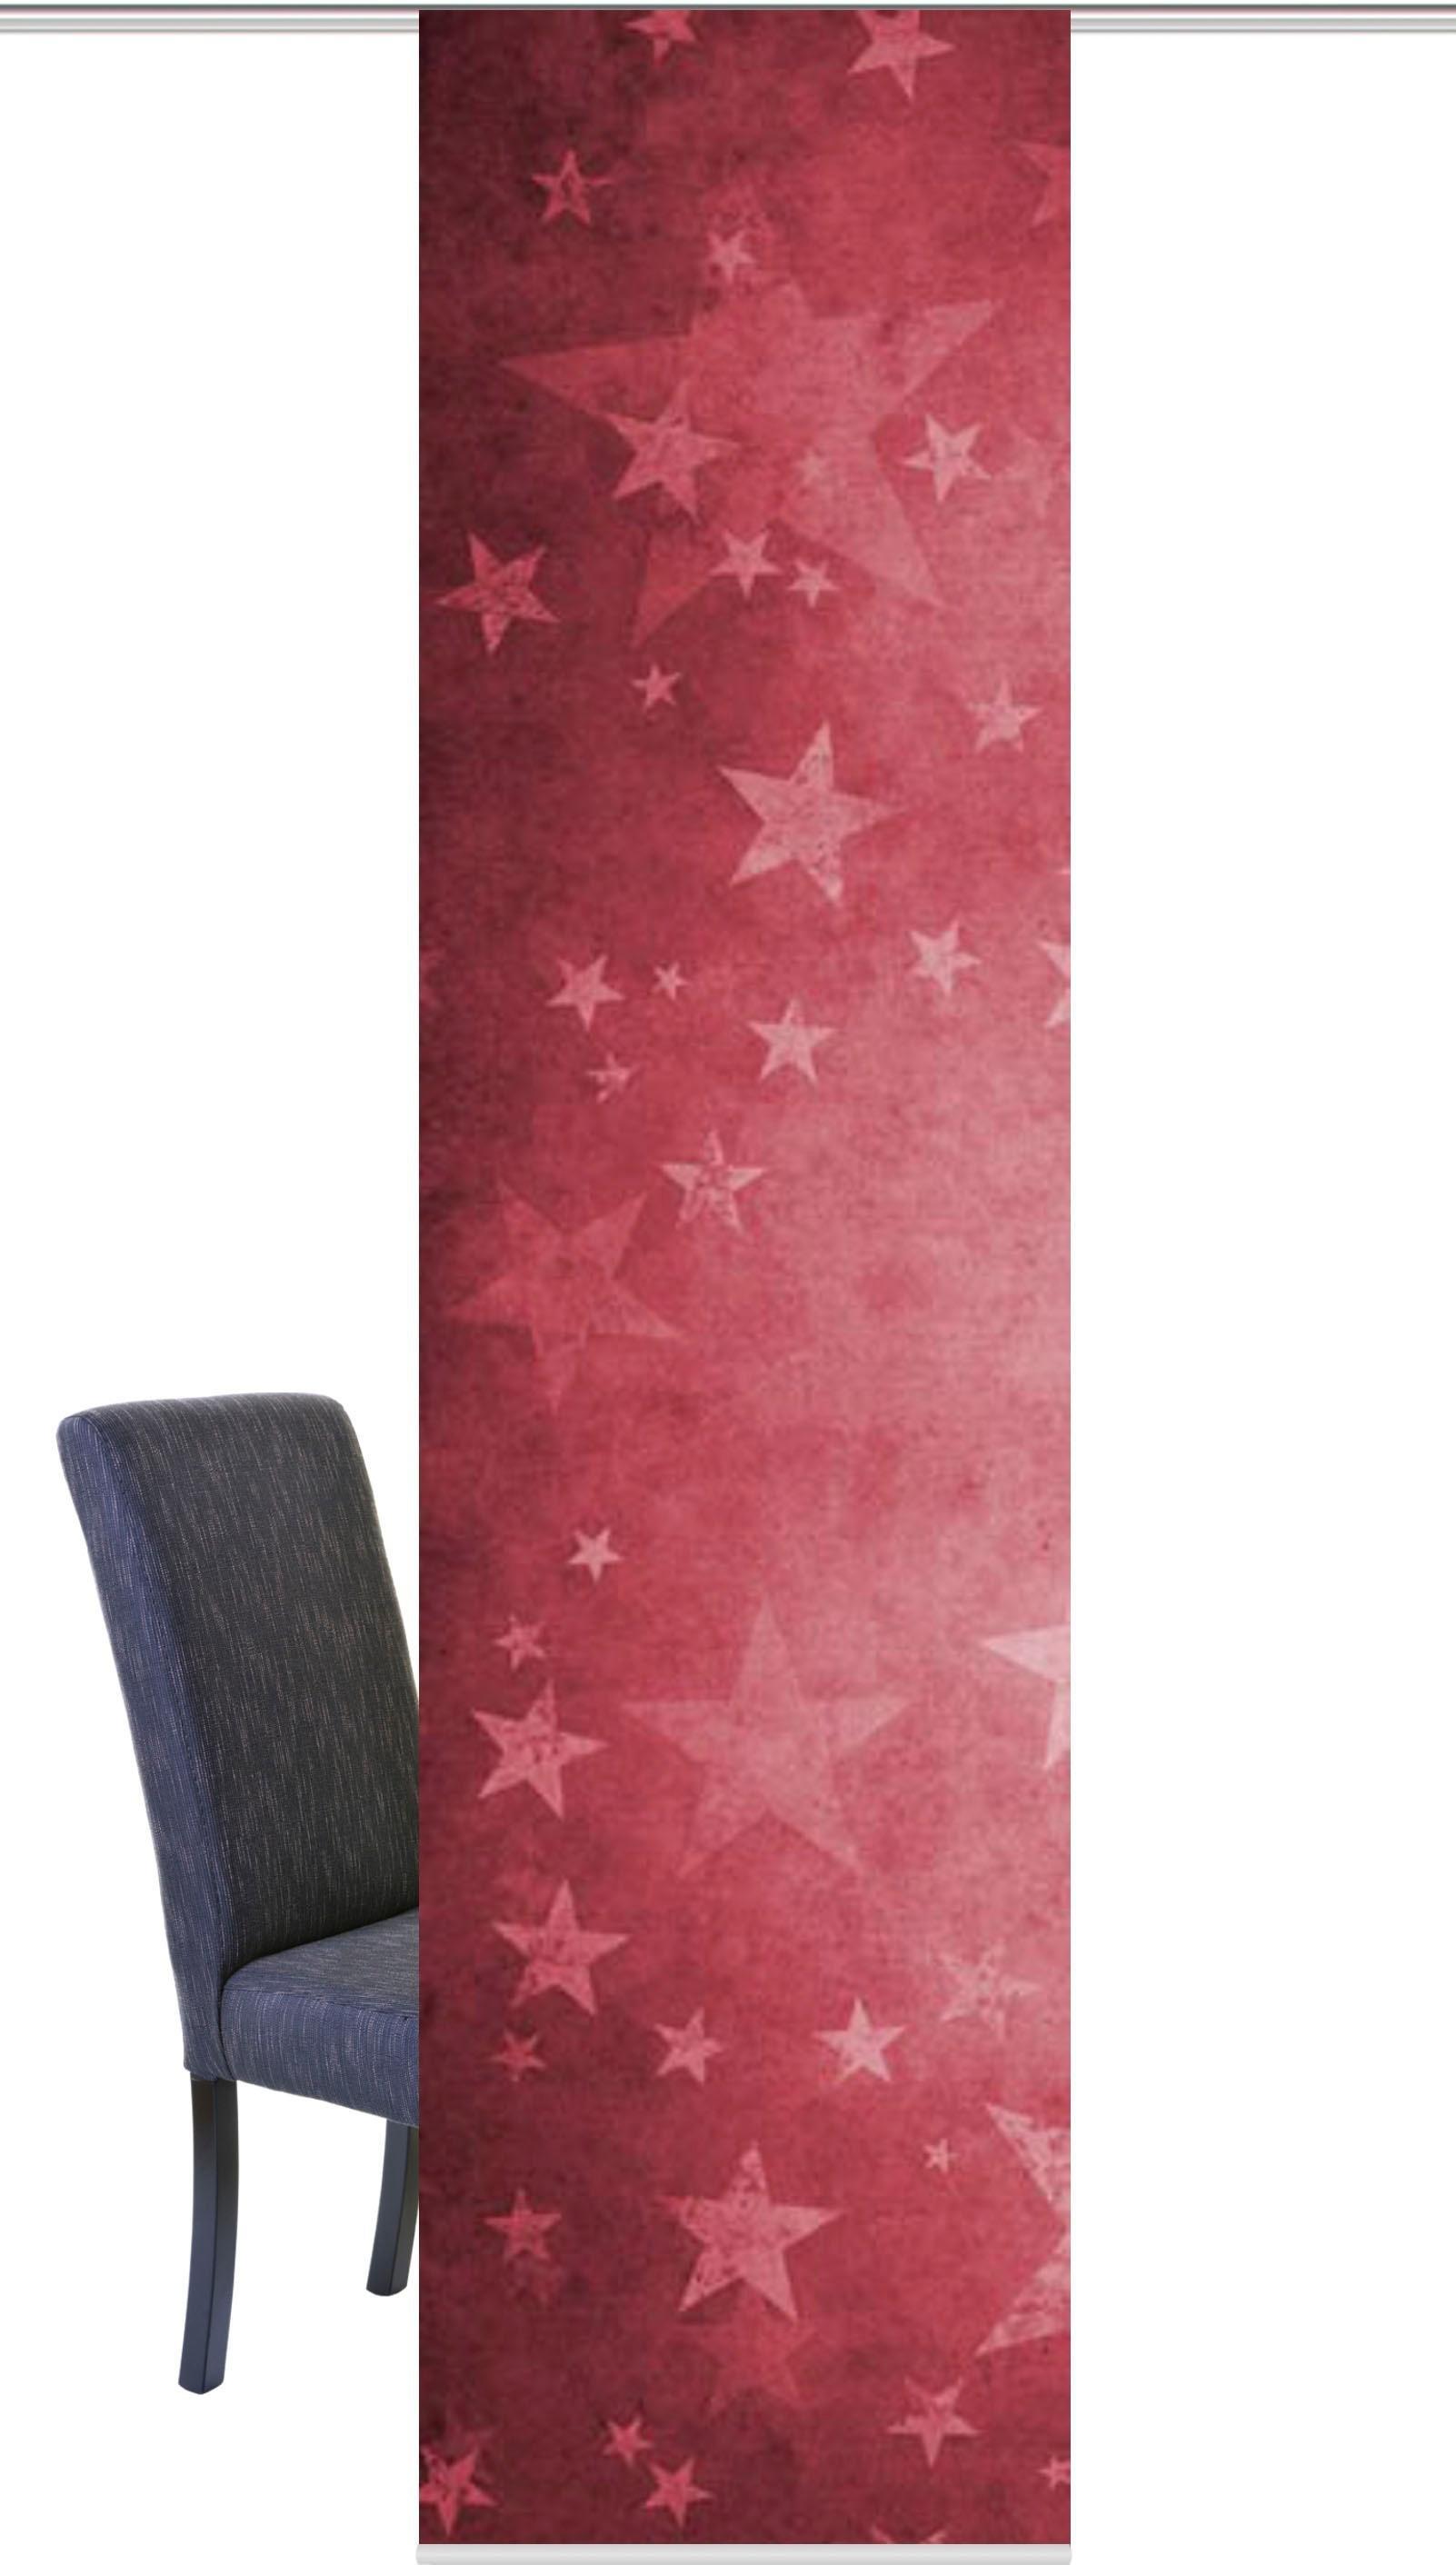 HOME WOHNIDEEN paneelgordijn Kerstster HxB: 245x60, schuifgordijn digitaal printen (1 stuk) veilig op otto.nl kopen